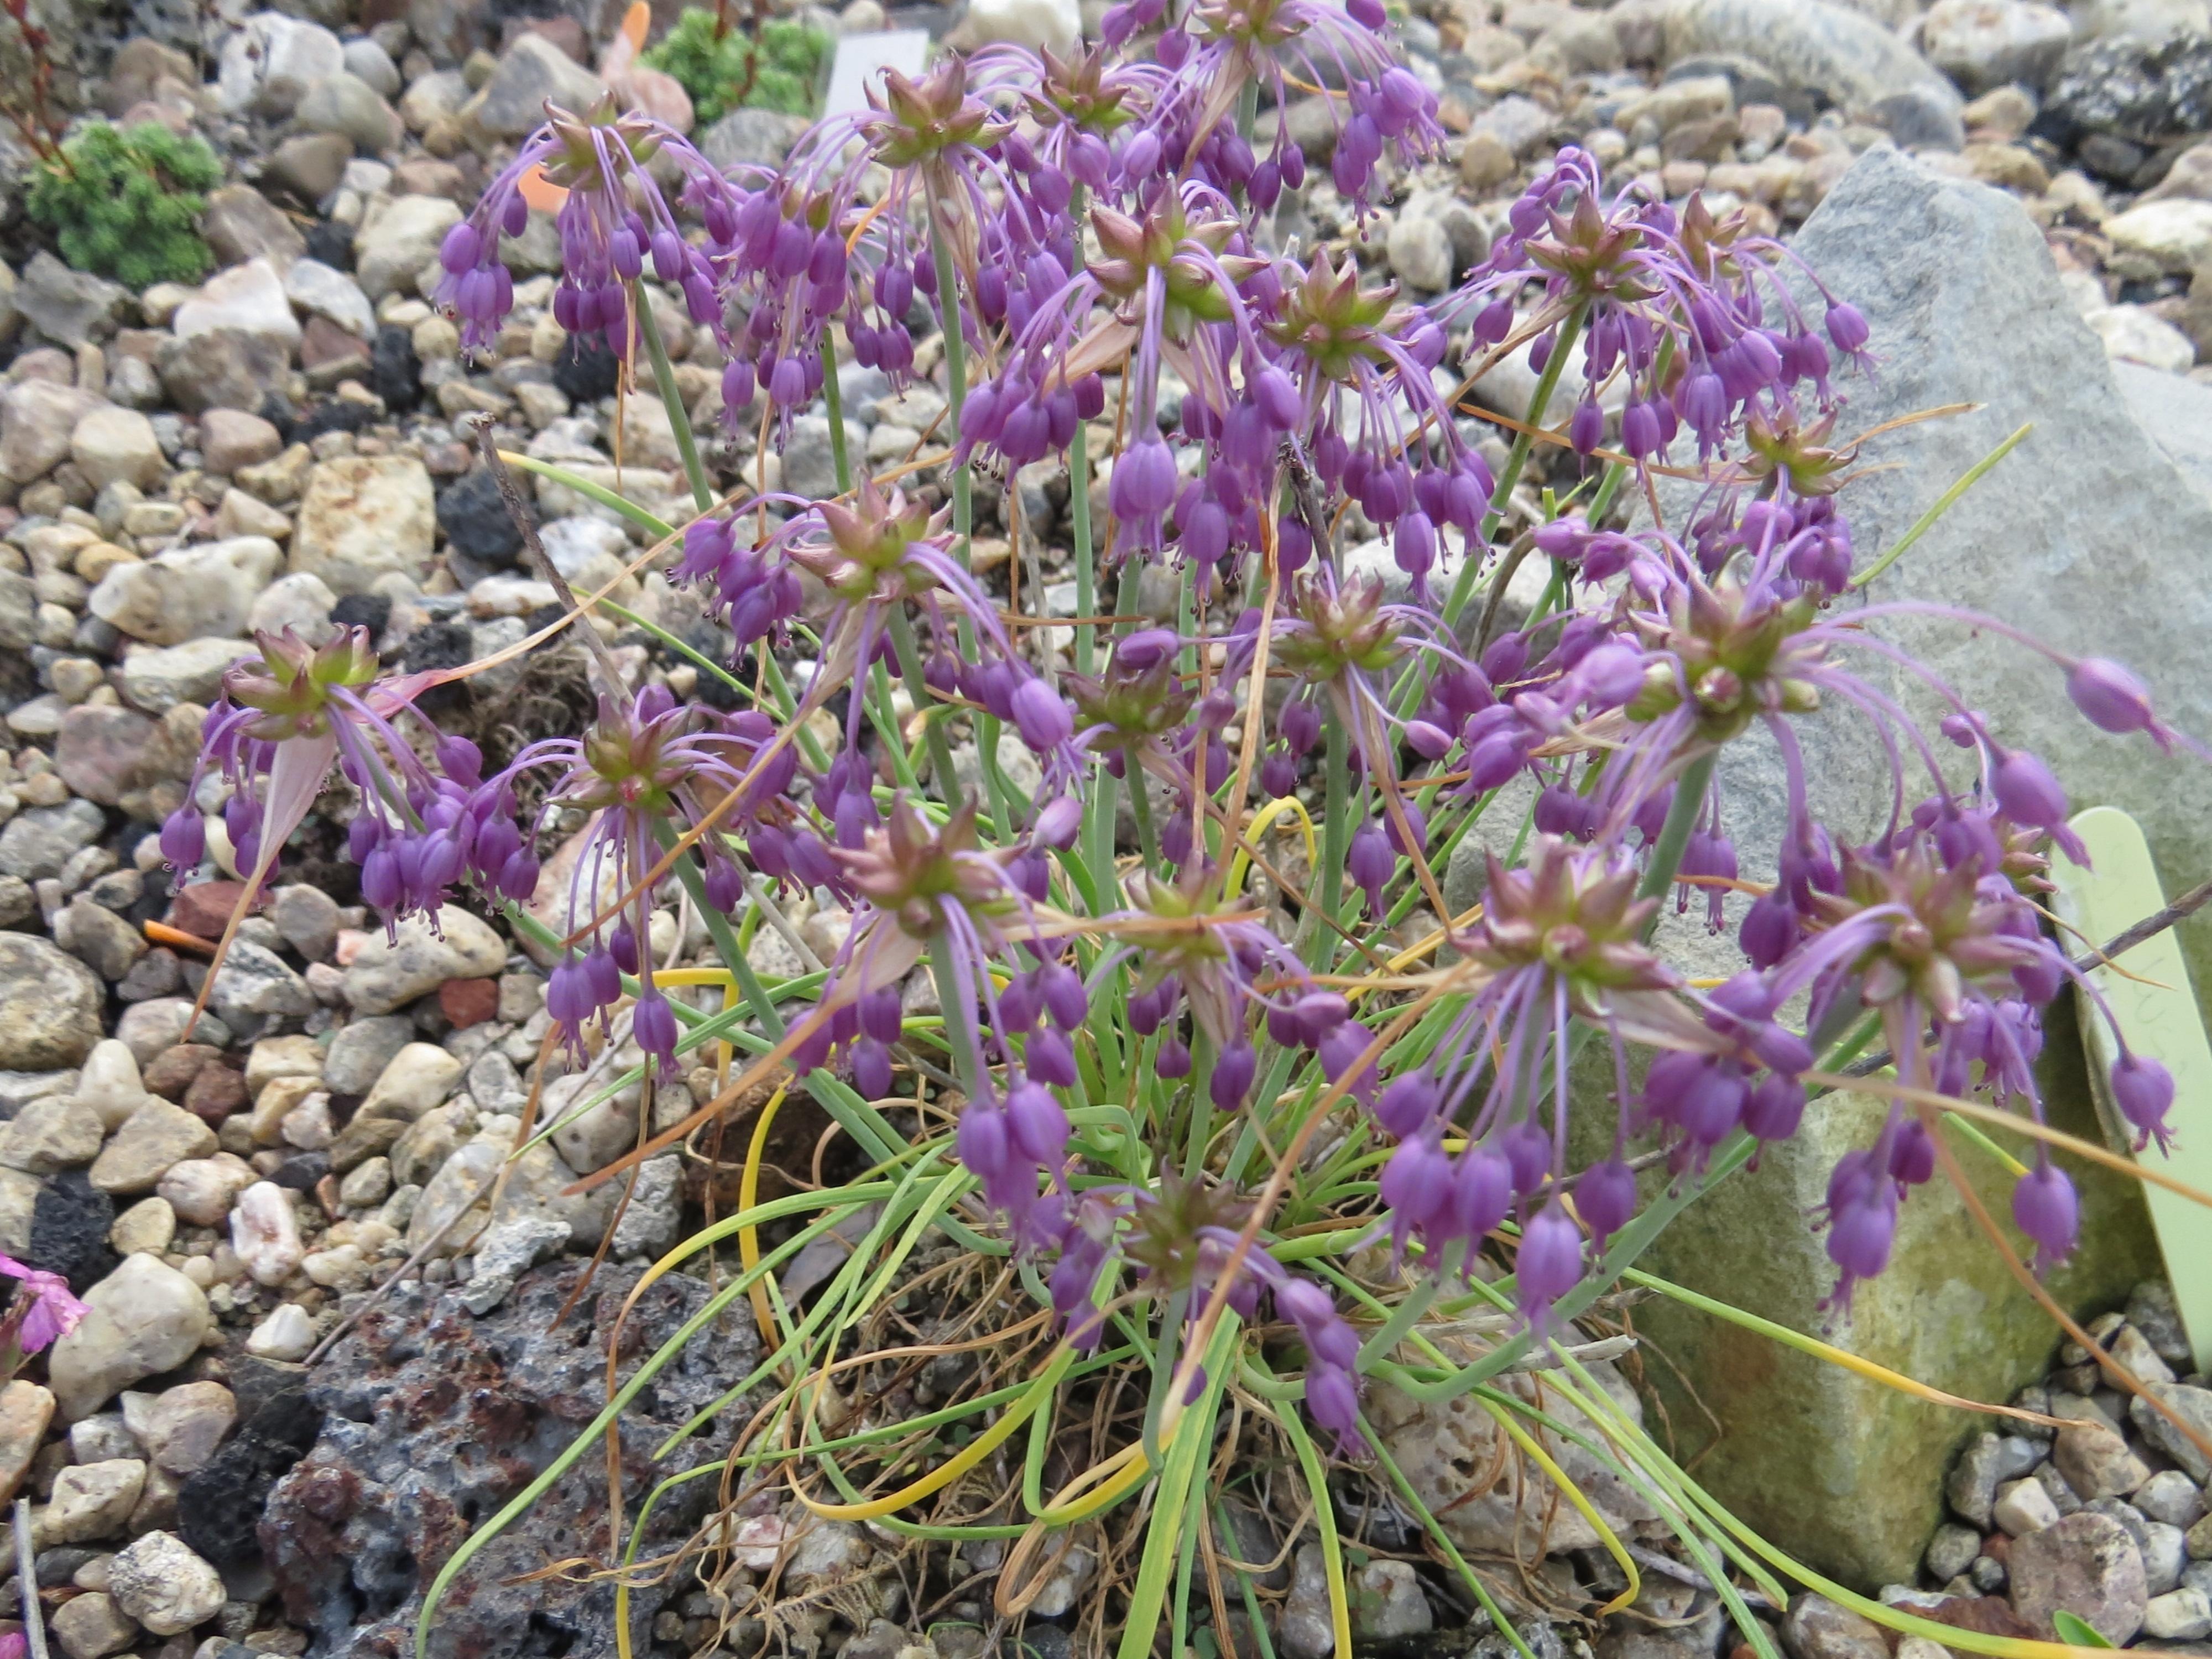 Allium_carinatum_Nanum_ml_0702alpine (33)